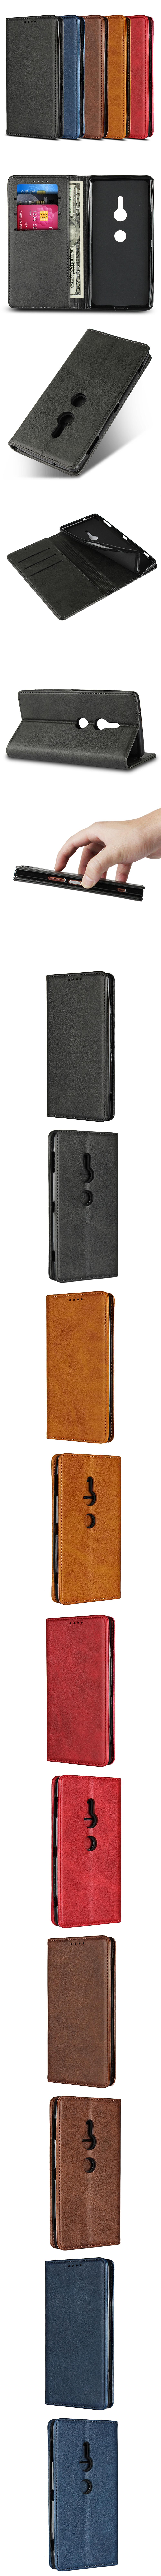 335-Sony-隱藏磁扣手機套皮套